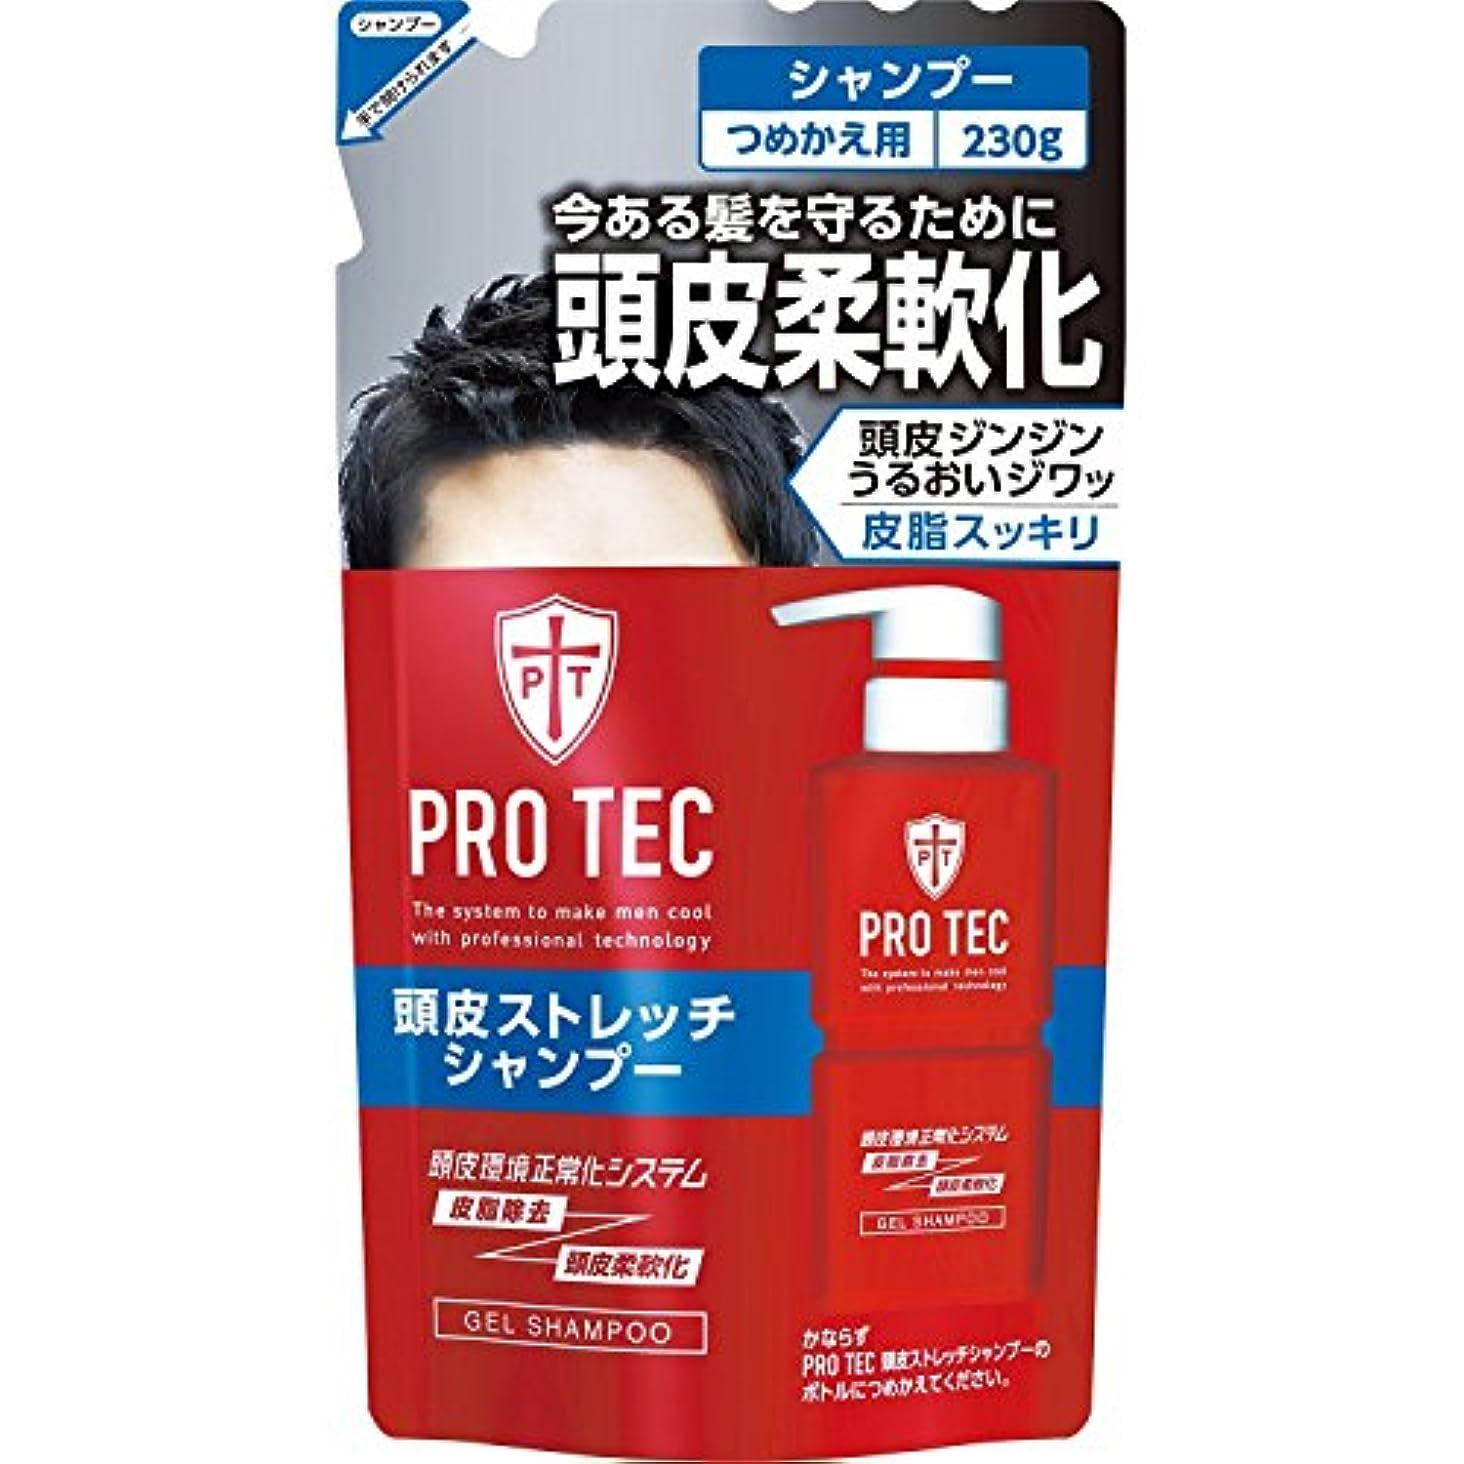 したい酸化する不合格PRO TEC(プロテク) 頭皮ストレッチシャンプー つめかえ用 230g (医薬部外品) ×10個セット